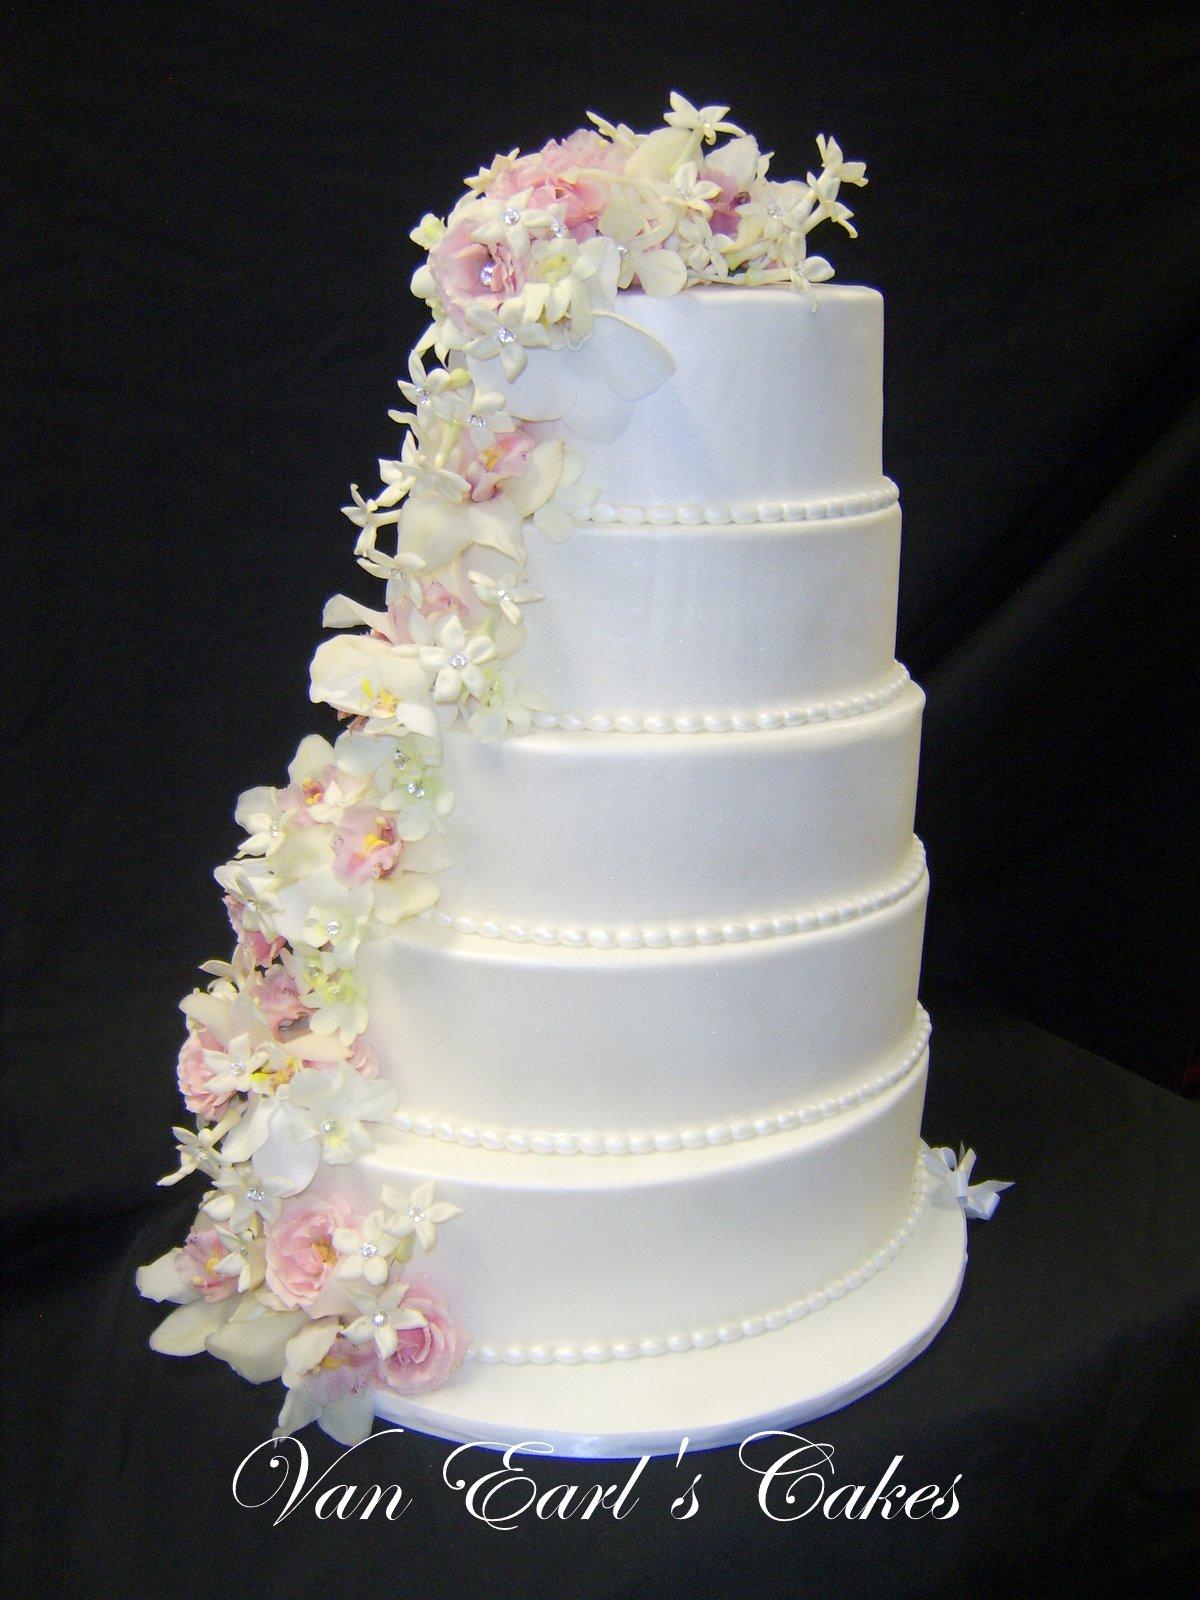 Van Earl s Cakes Five tier Oval Wedding Cake